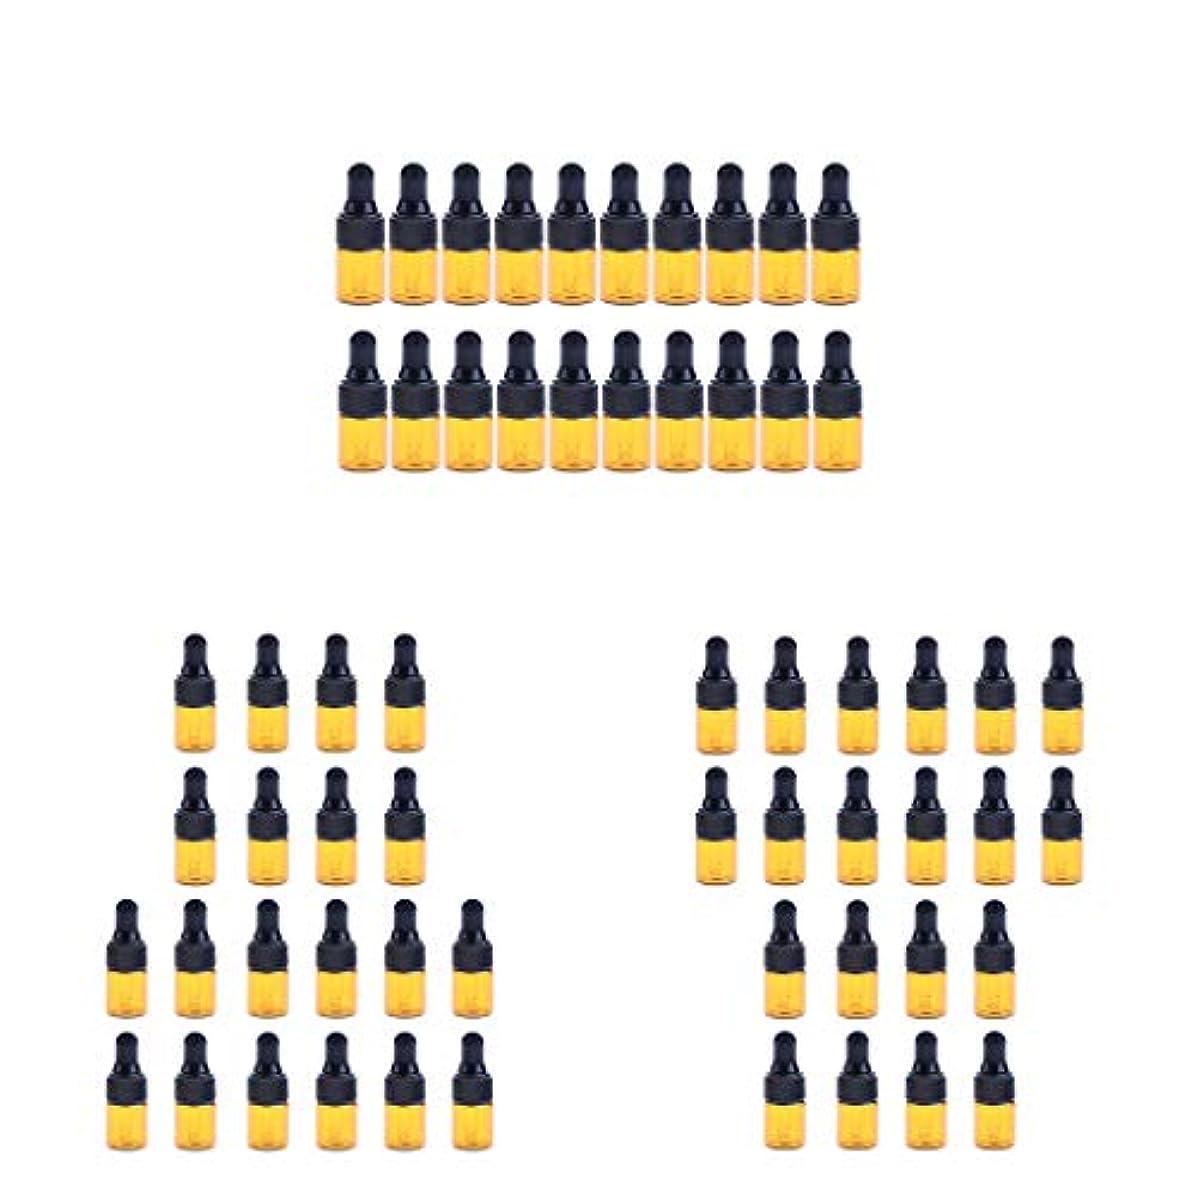 チャットバルセロナ粘土ドロッパーボトル エッセンシャルオイル ボトル 3 Ml アロマ 詰め替え容器